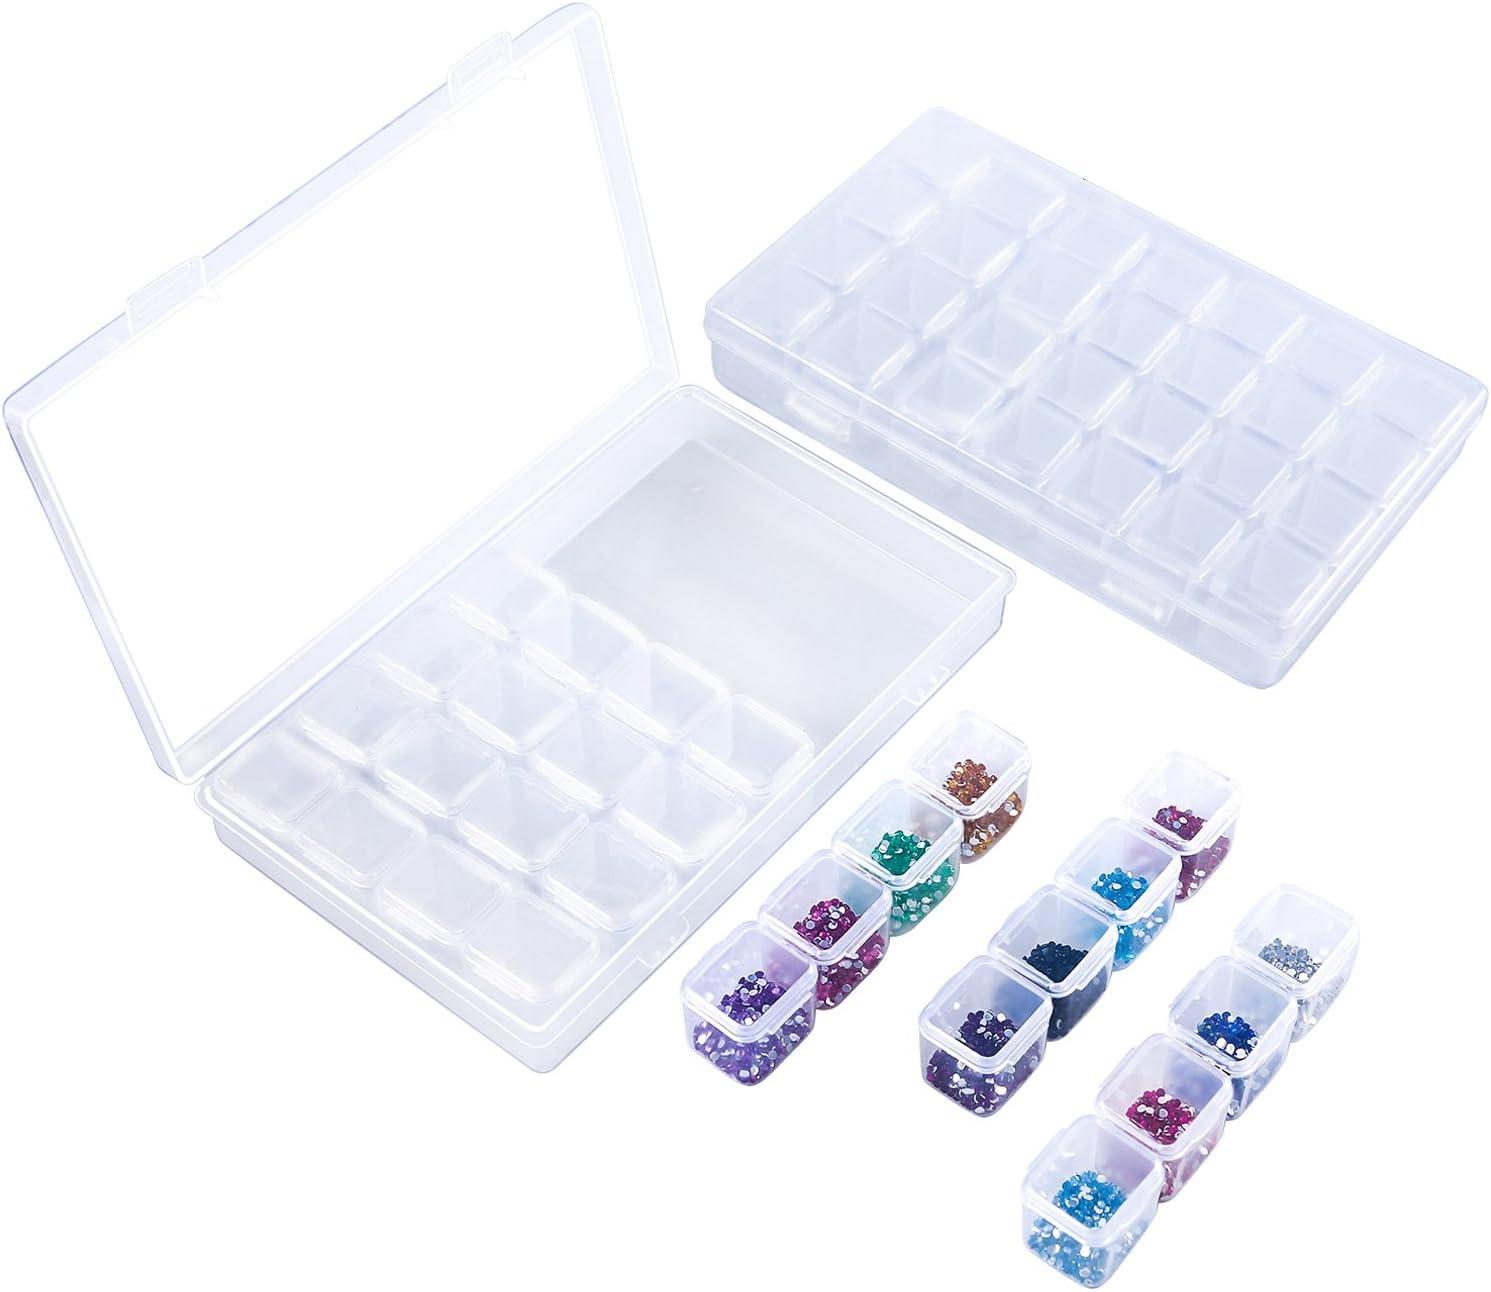 Aneco - Juego de 2 Cajas de Almacenamiento Ajustables con 28 Rejillas de Diamante para Manualidades (2 Unidades)